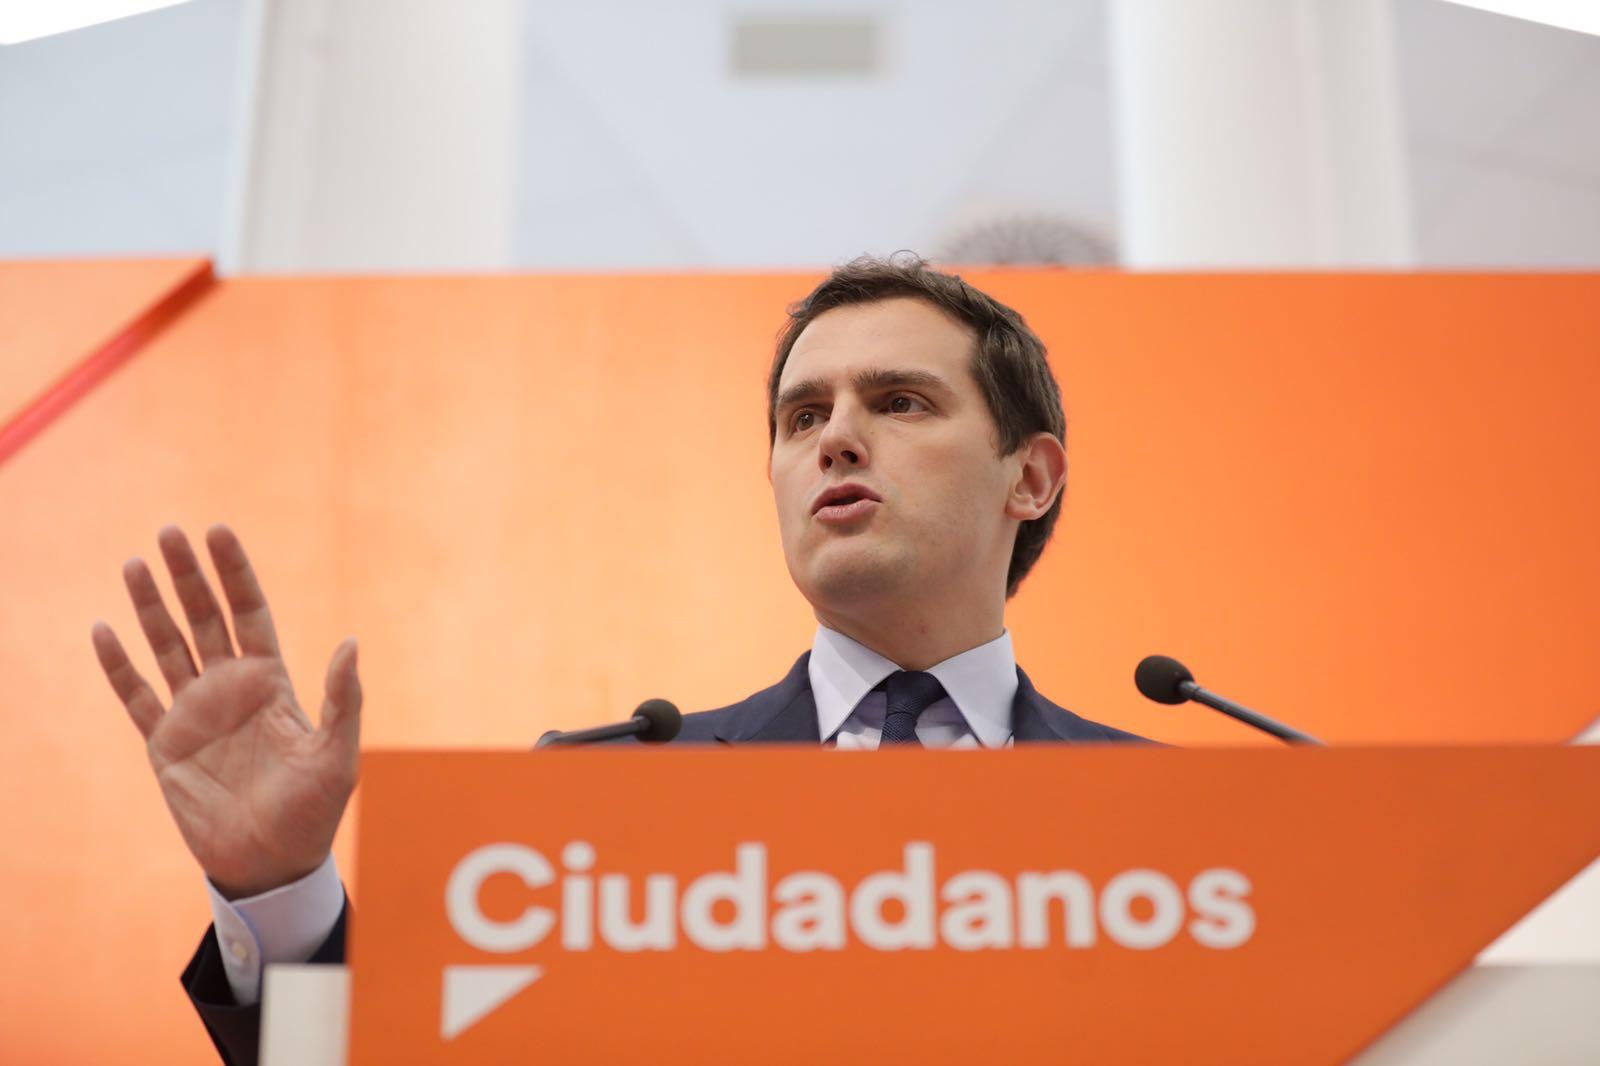 Ciudadanos Cs pacta con Puigdemont y Junqueras sobre TV3 para vetar a VOX